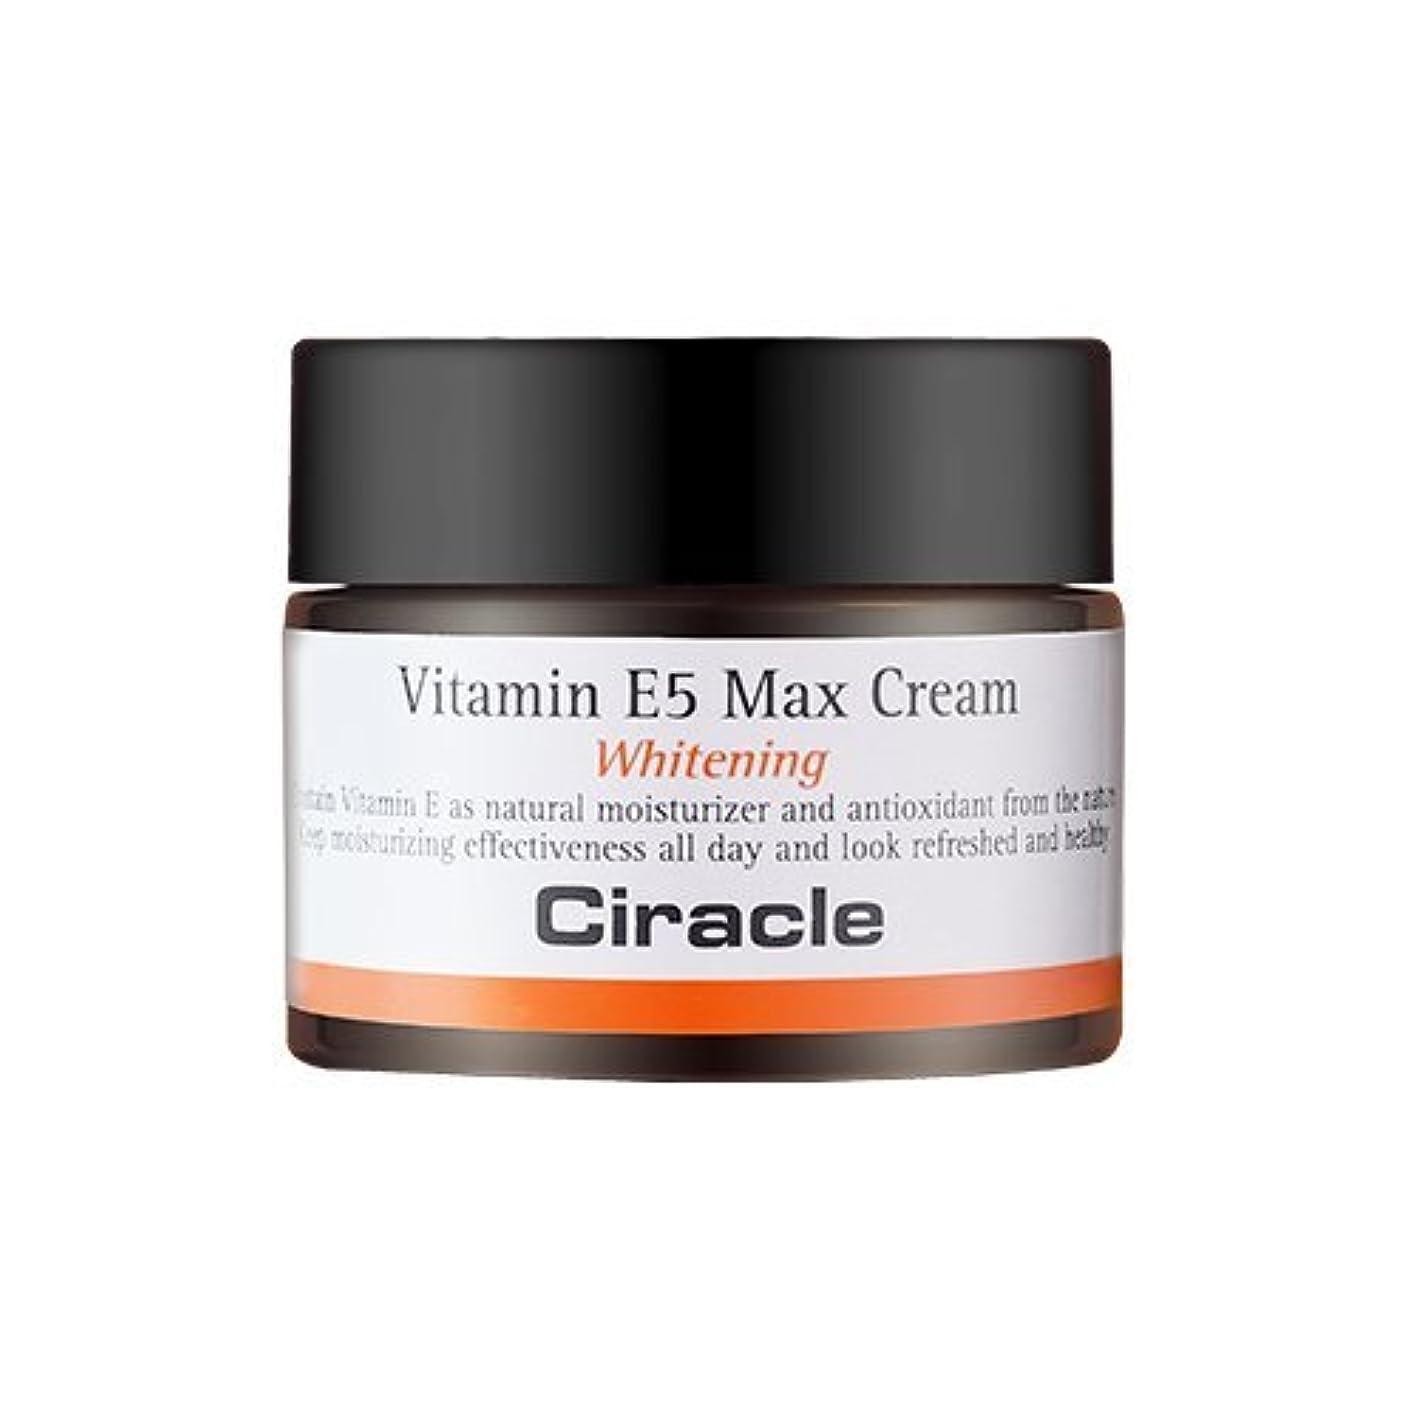 説得力のあるスローシャンパンCiracle Vitamin E5 Max Cream シラクル ビタミンE5 マックス クリーム 50ml [並行輸入品]